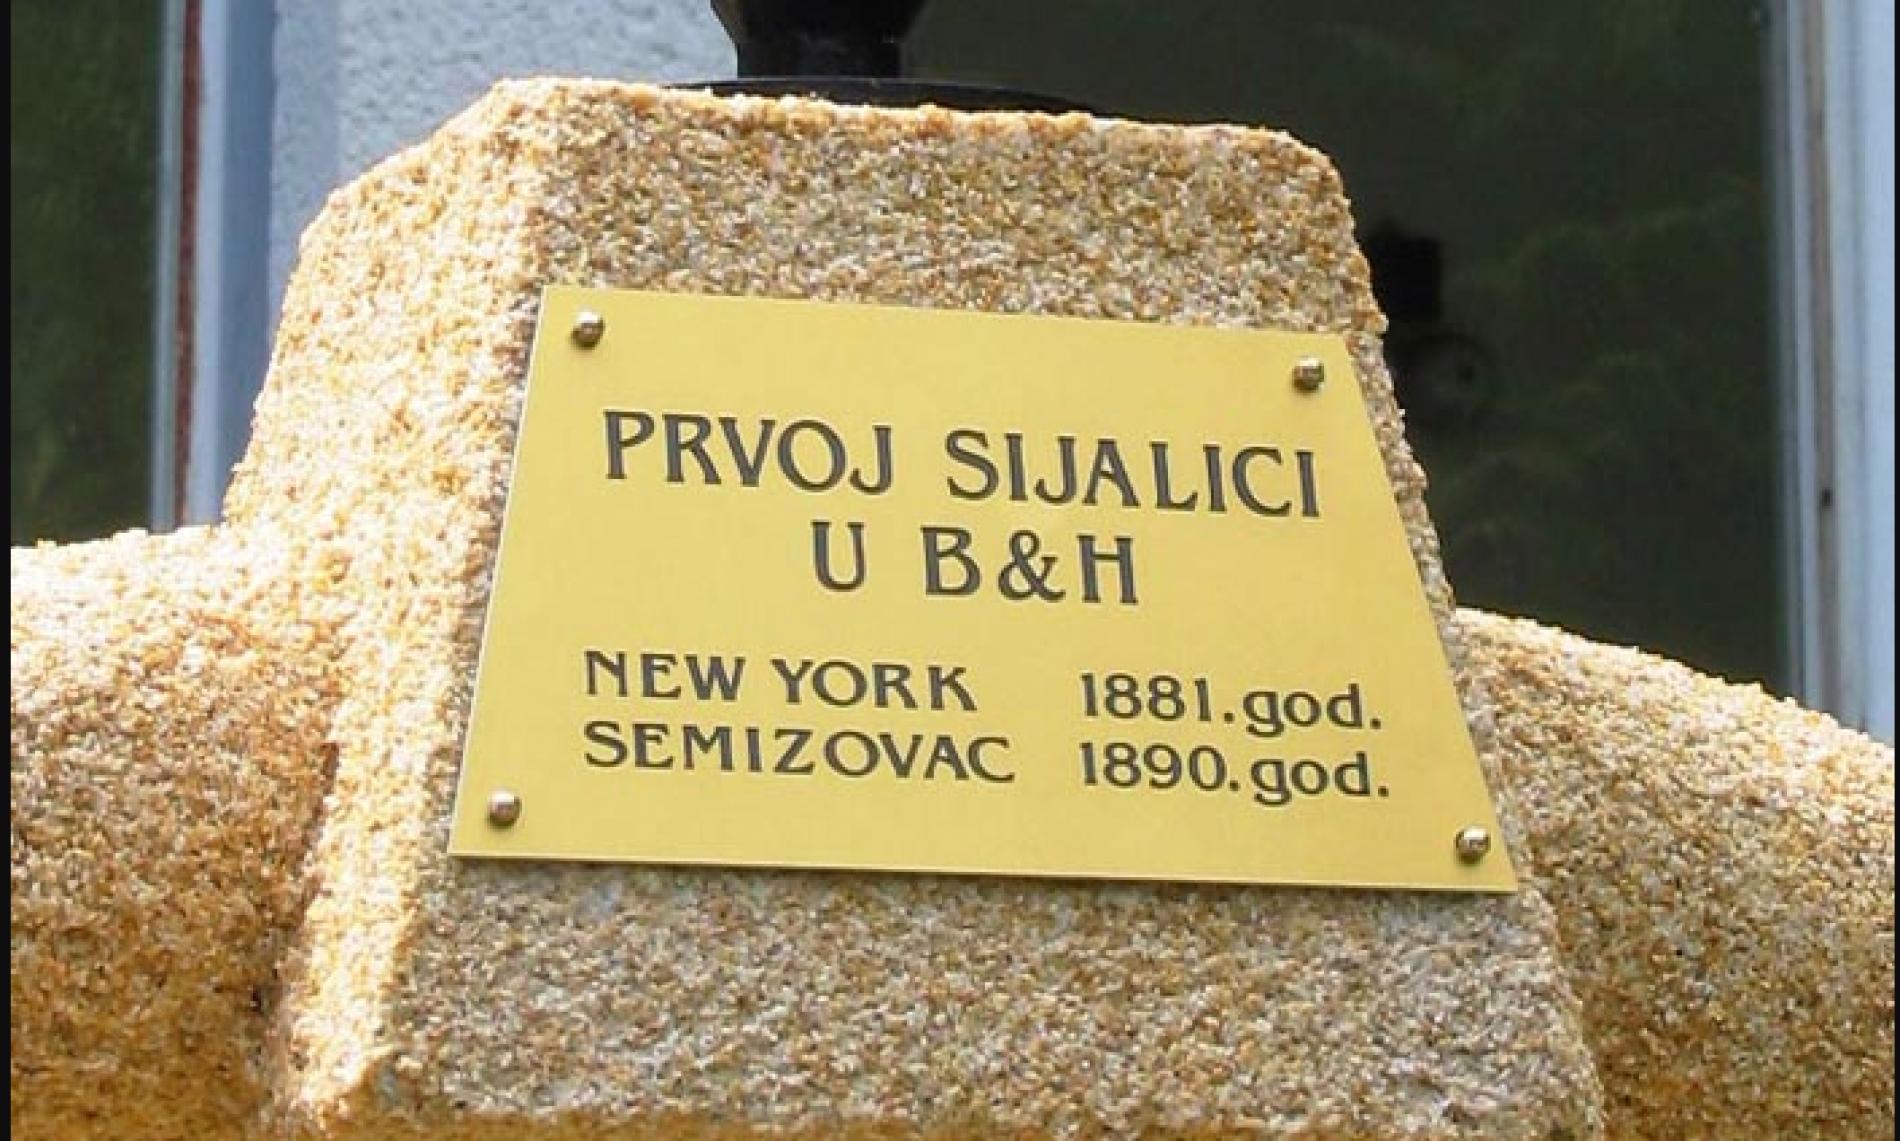 NEW YORK PA SEMIZOVAC: Prva sijalica u Bosni i Hercegovini